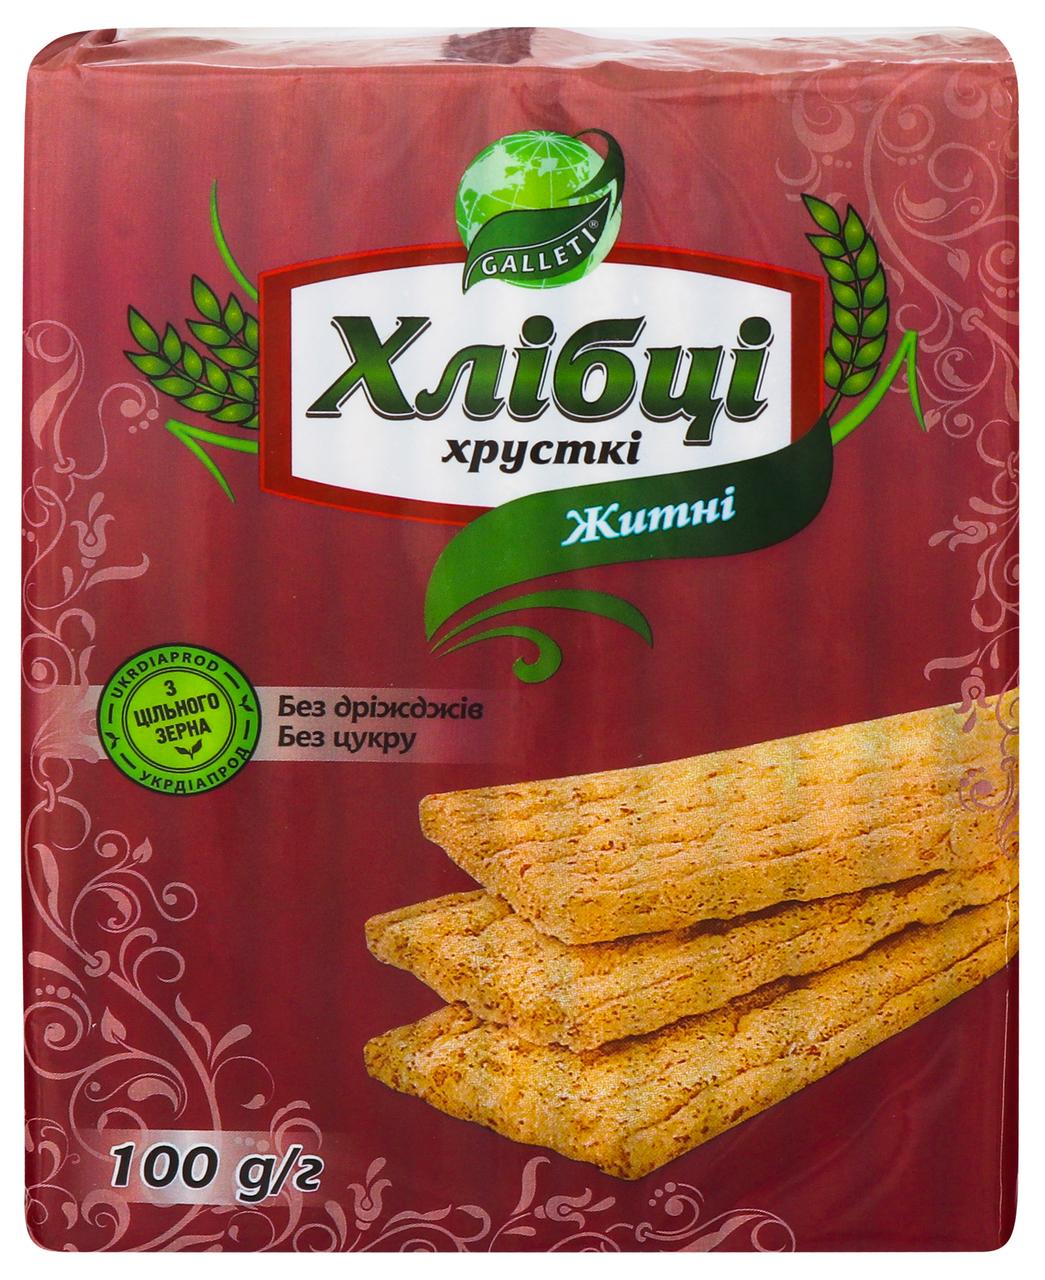 Хлібці Galleti Хлібці Луганці житні хрусткі 100г